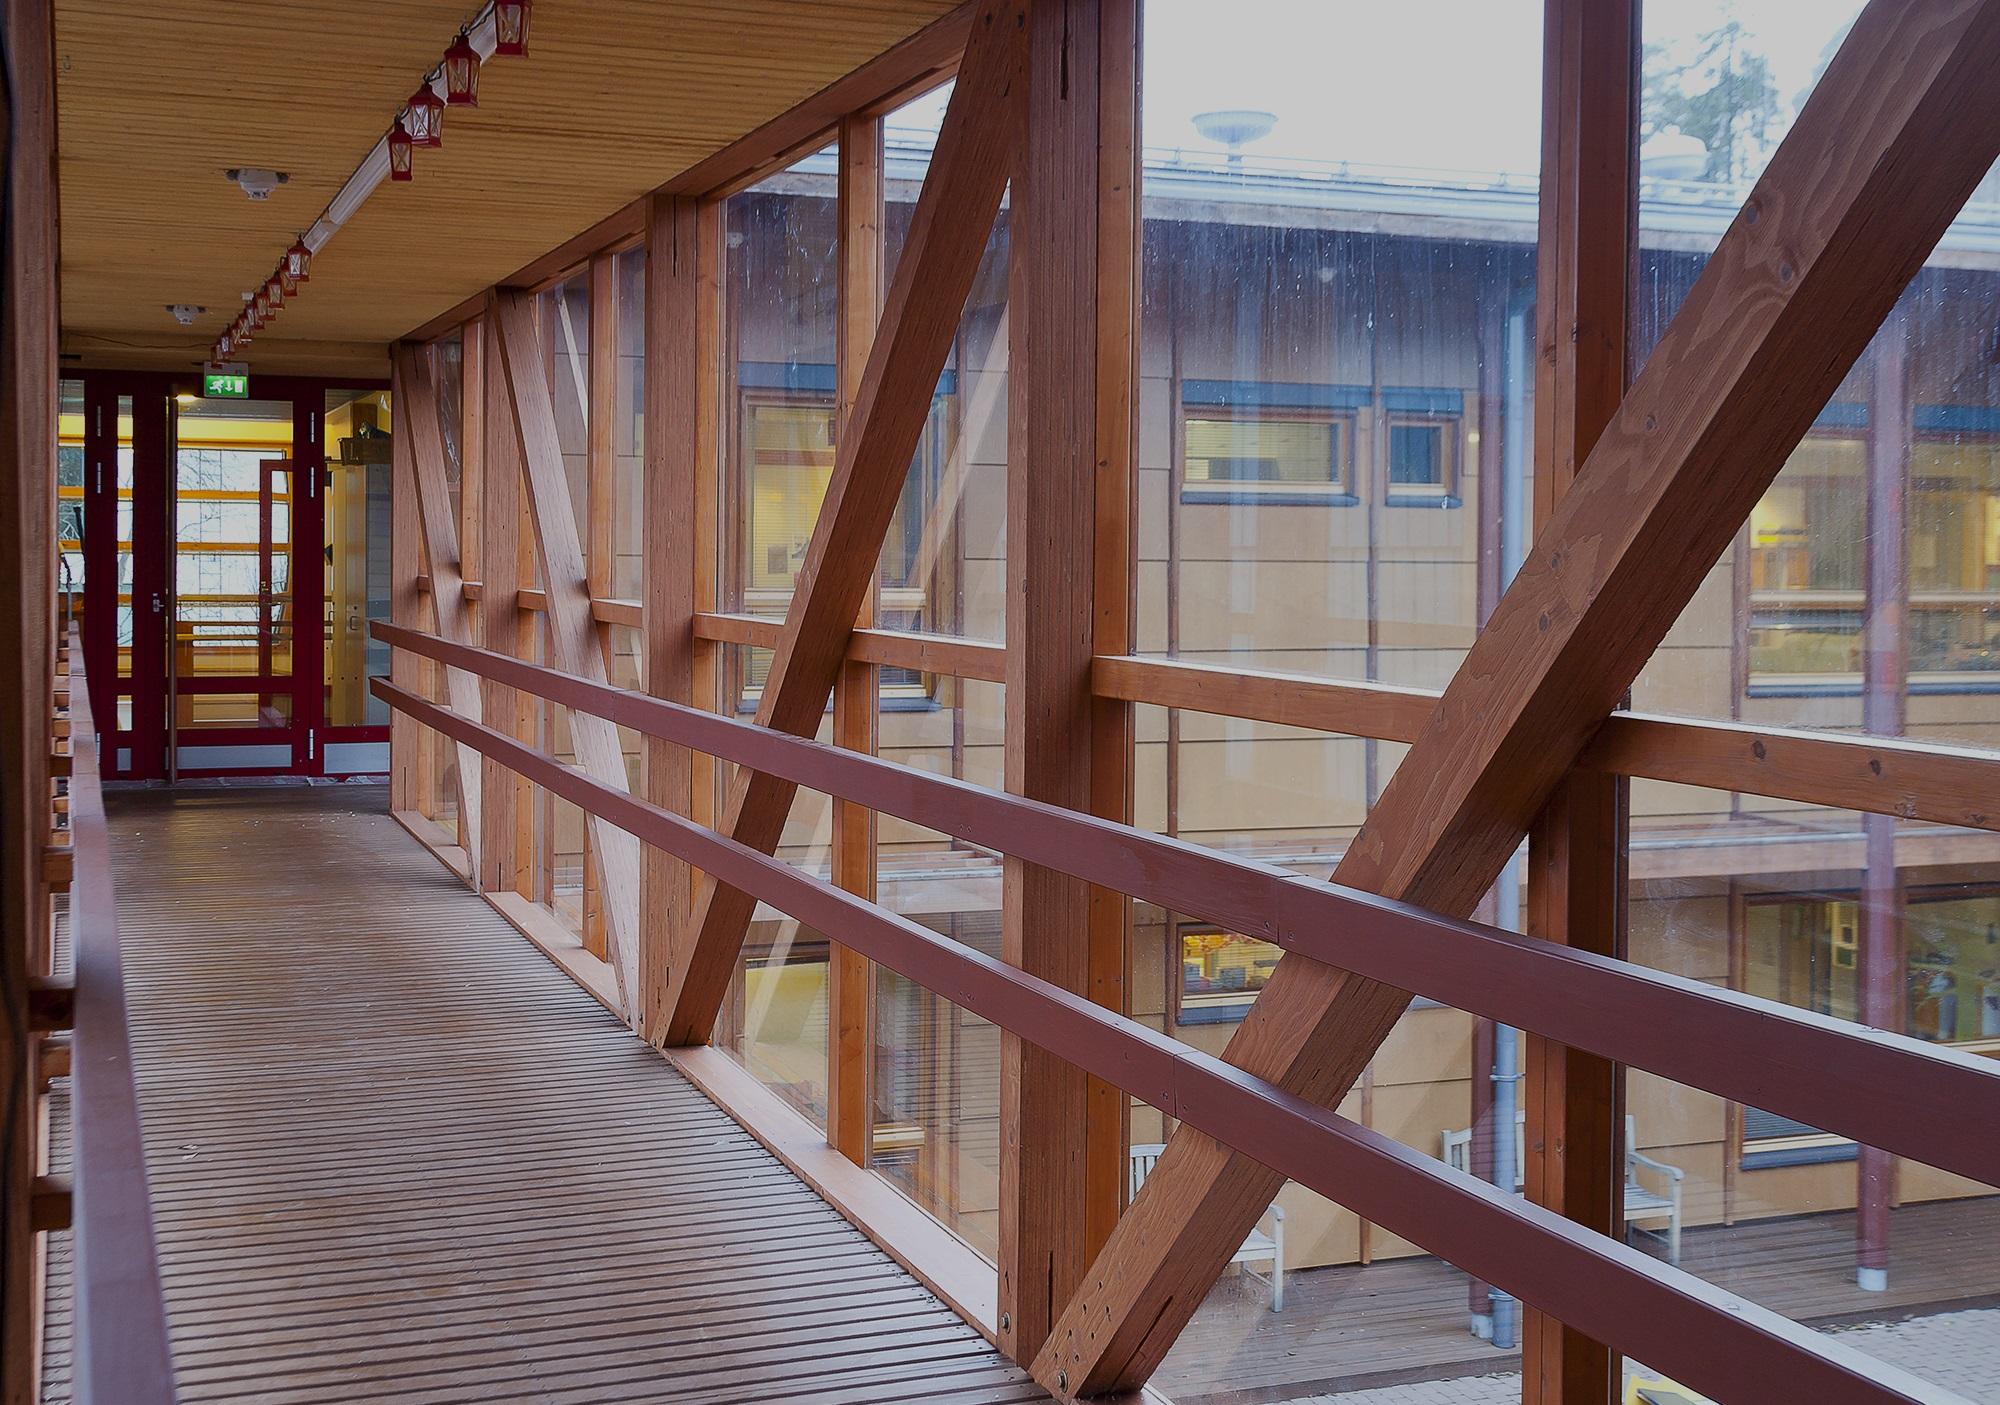 Rakennesuunnittelupalvelu toimii sekä uudis- että korjausrakentamisen alueilla